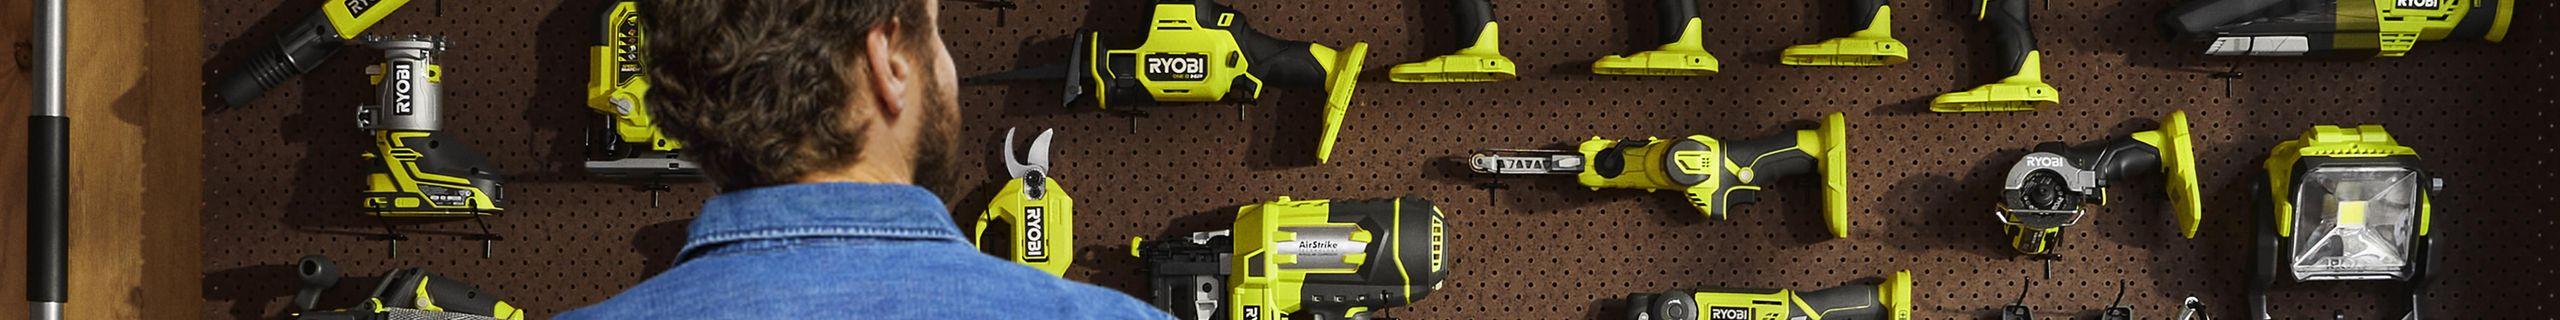 Man looking at wall full of Ryobi power tools.